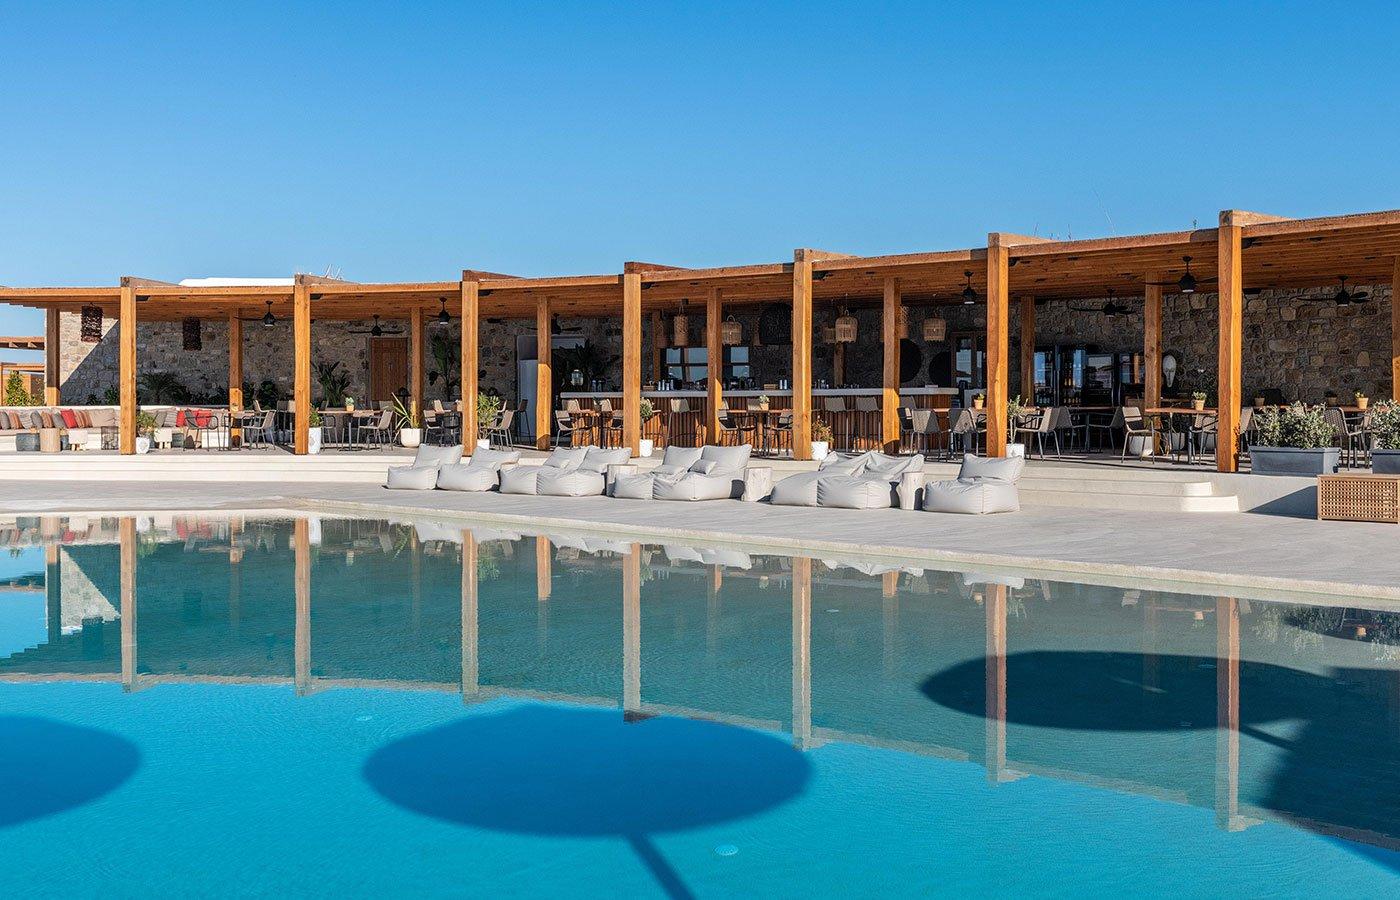 Pacha Group abrirá un nuevo local en Mykonos a mitad de año